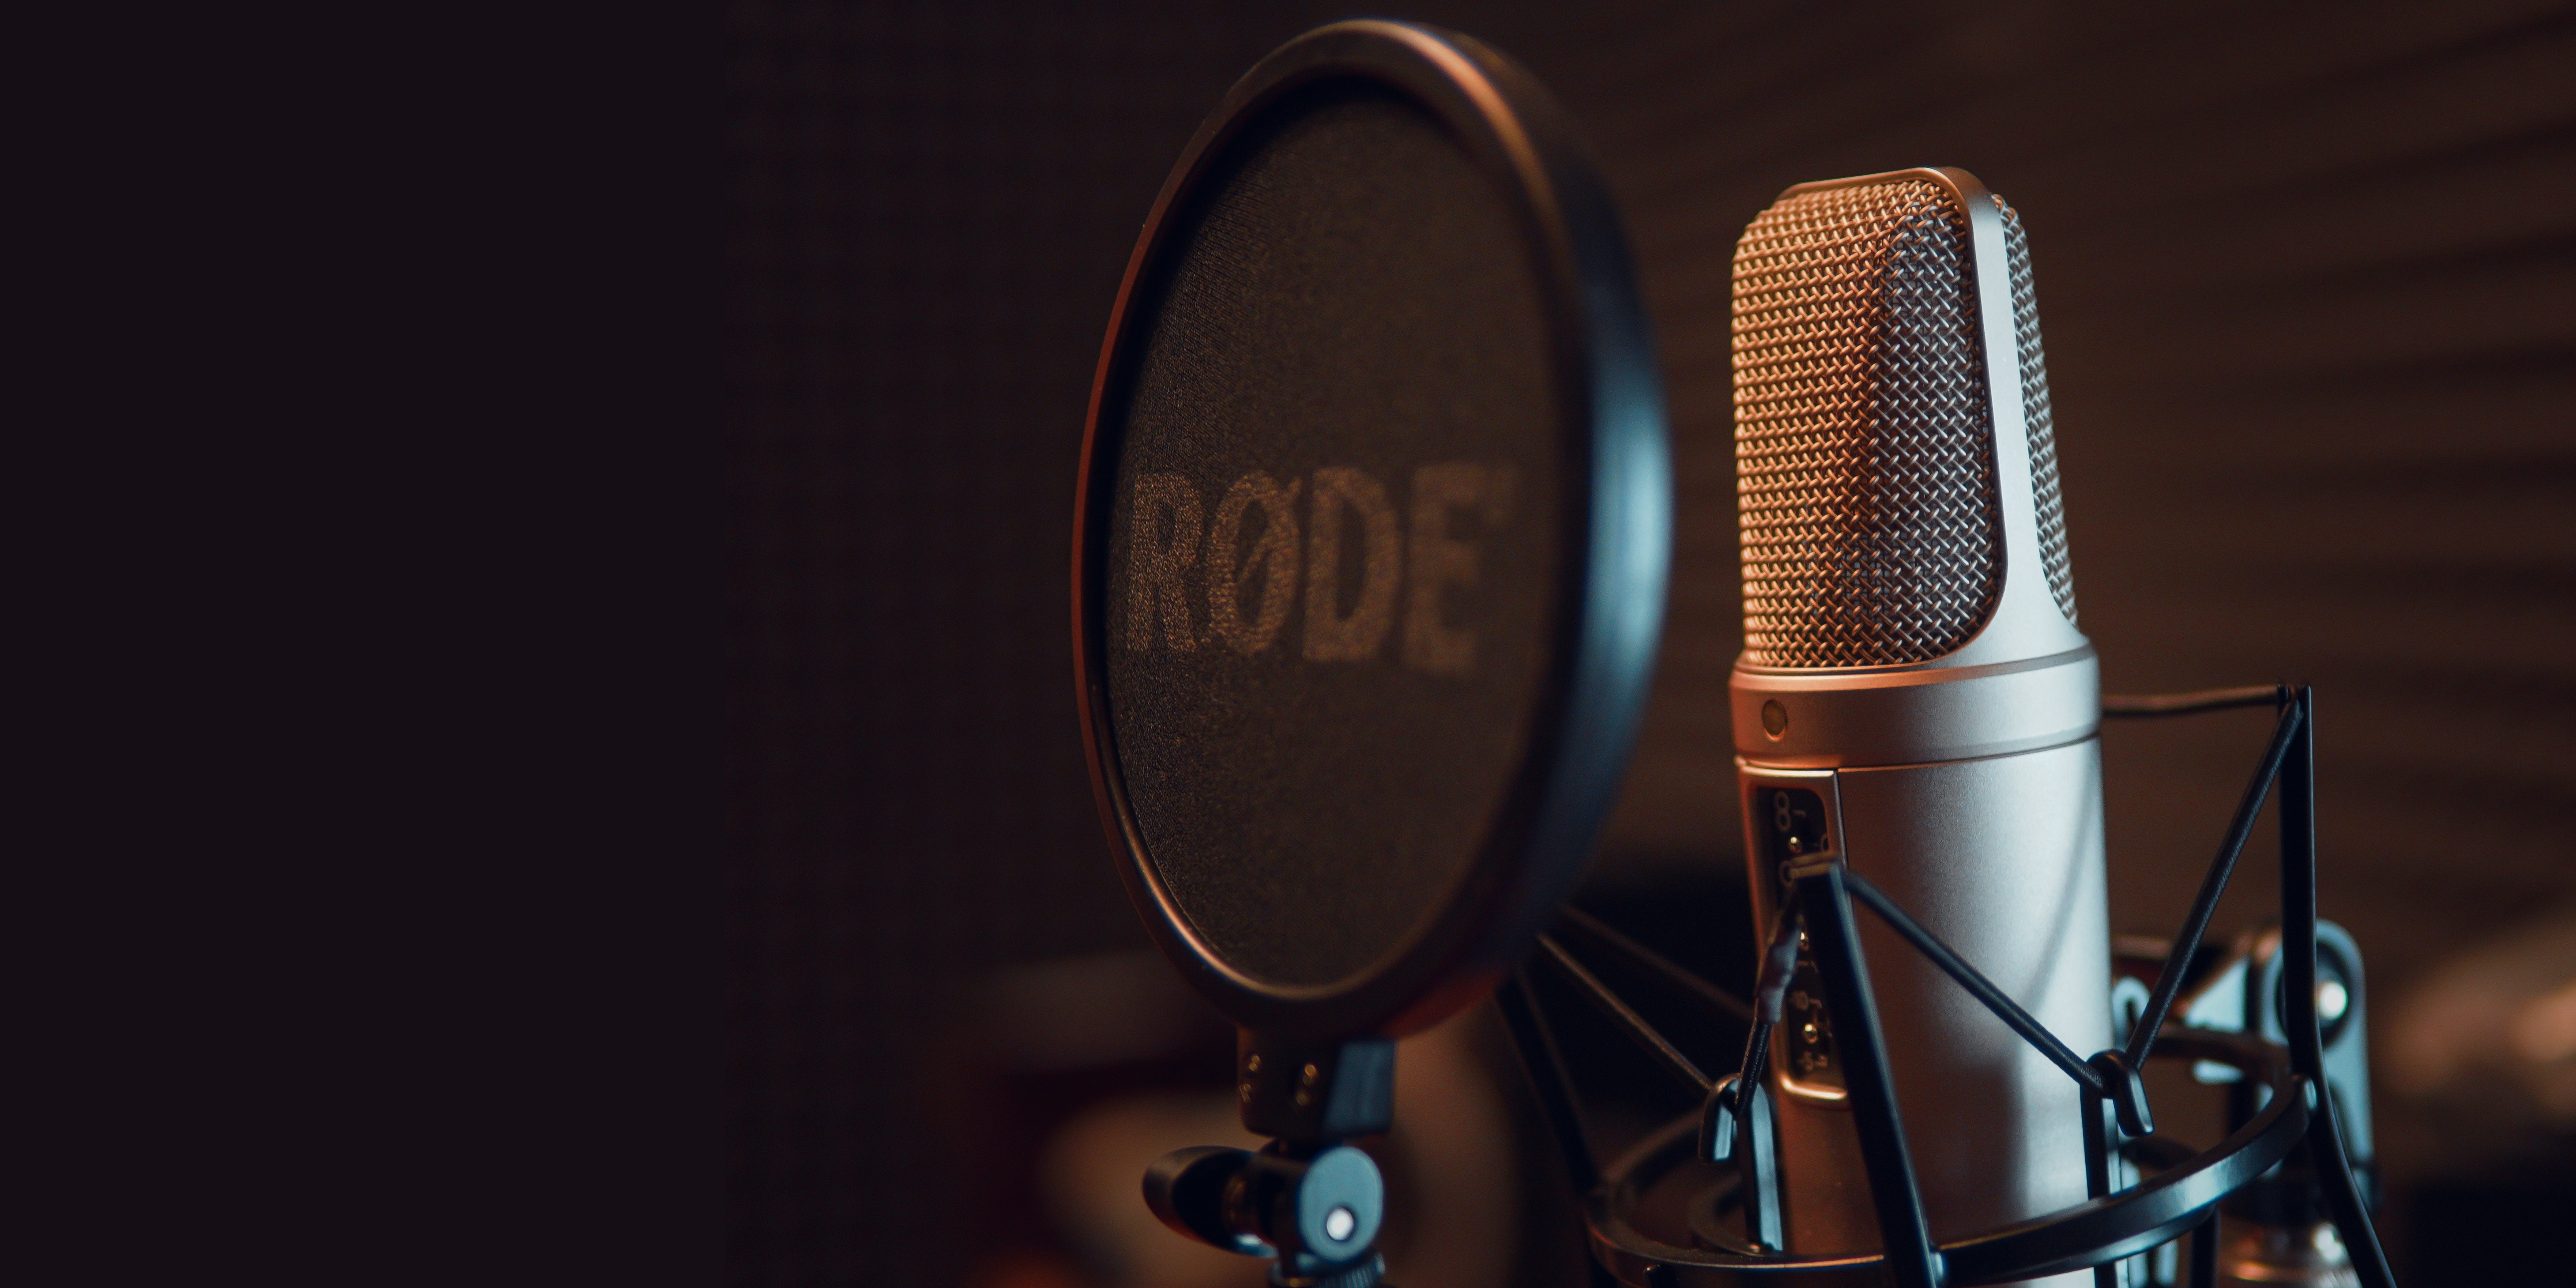 🎙 COMIENZA LA CAMPAÑA DE CONCIENCIACIÓN SOBRE LA MIOPÍA CON LA EMISIÓN DE MÁS DE 100 CUÑAS RADIOFÓNICAS 📟